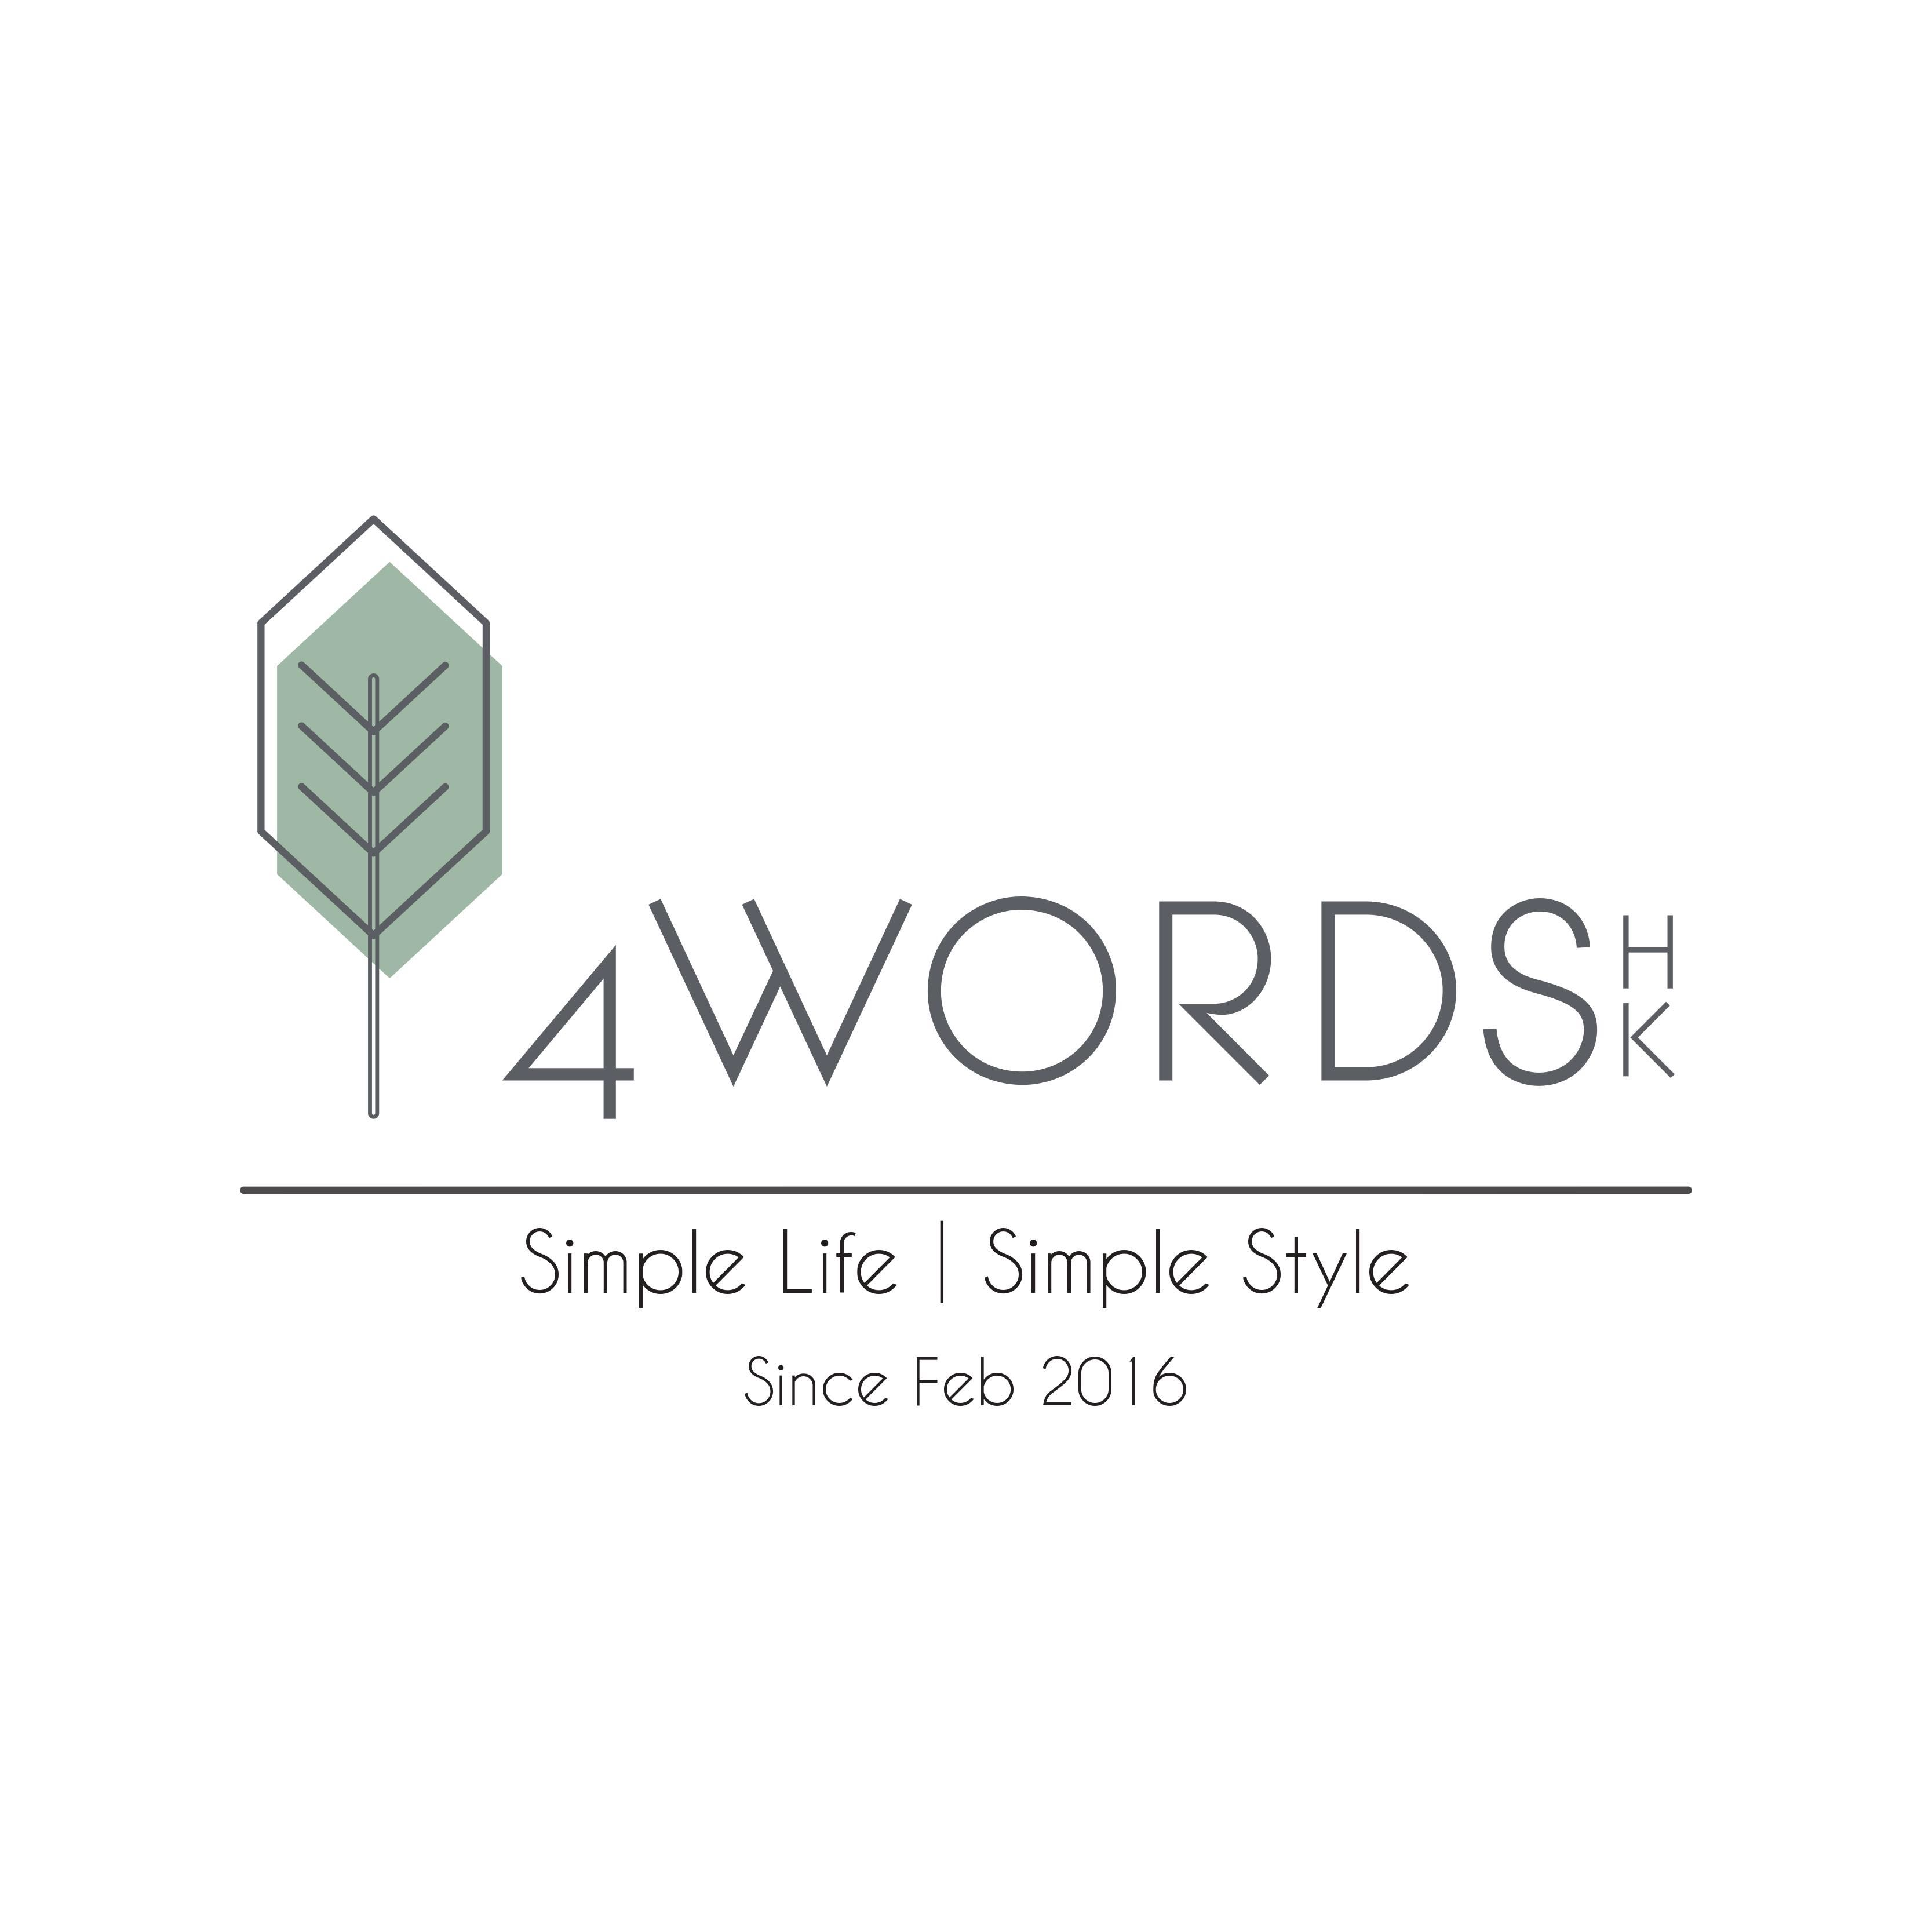 4words_hk